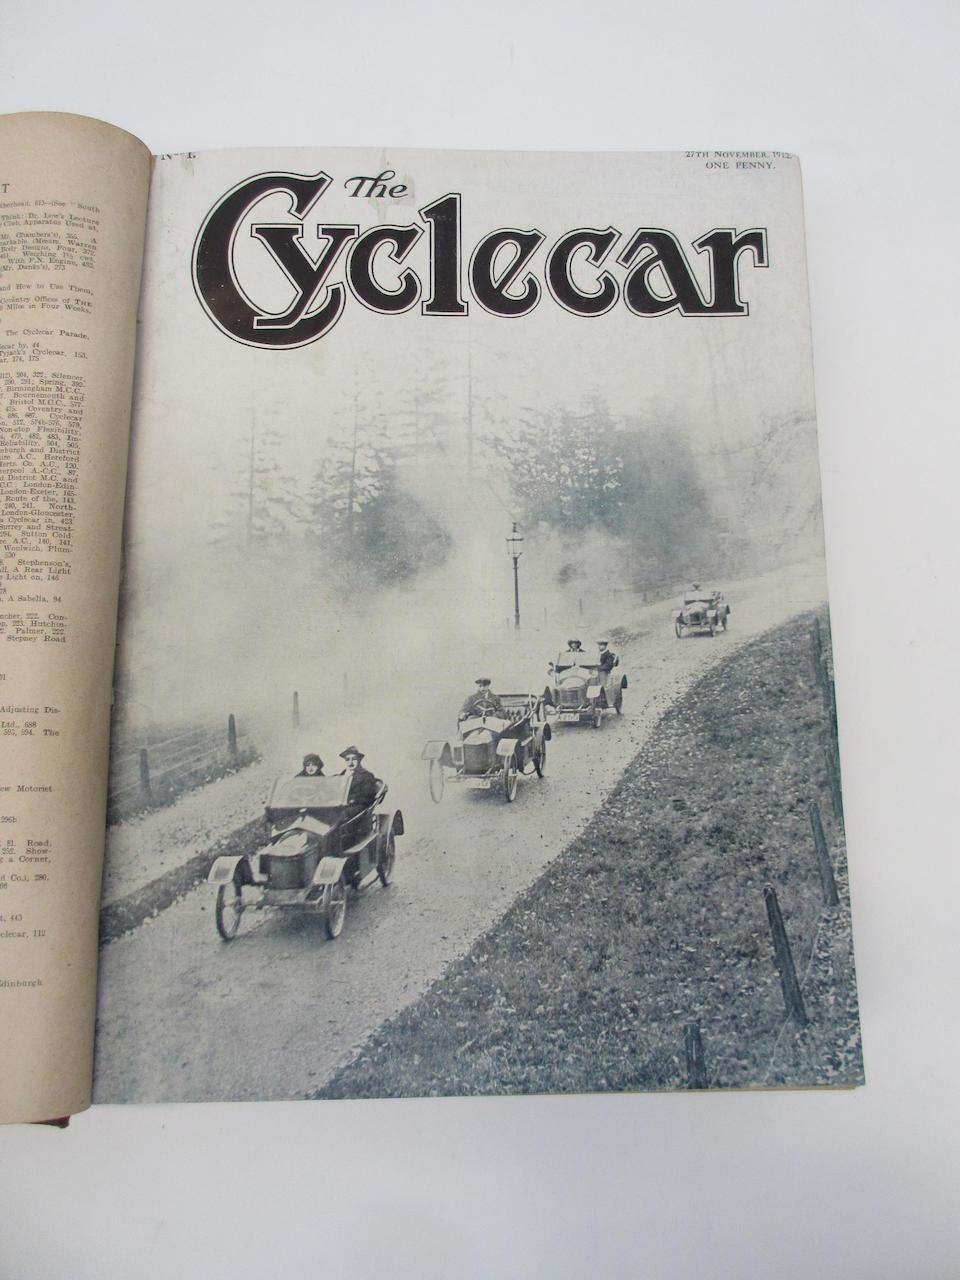 The Cyclecar, Volume I, 27 November 1912 to 21 May 1913,